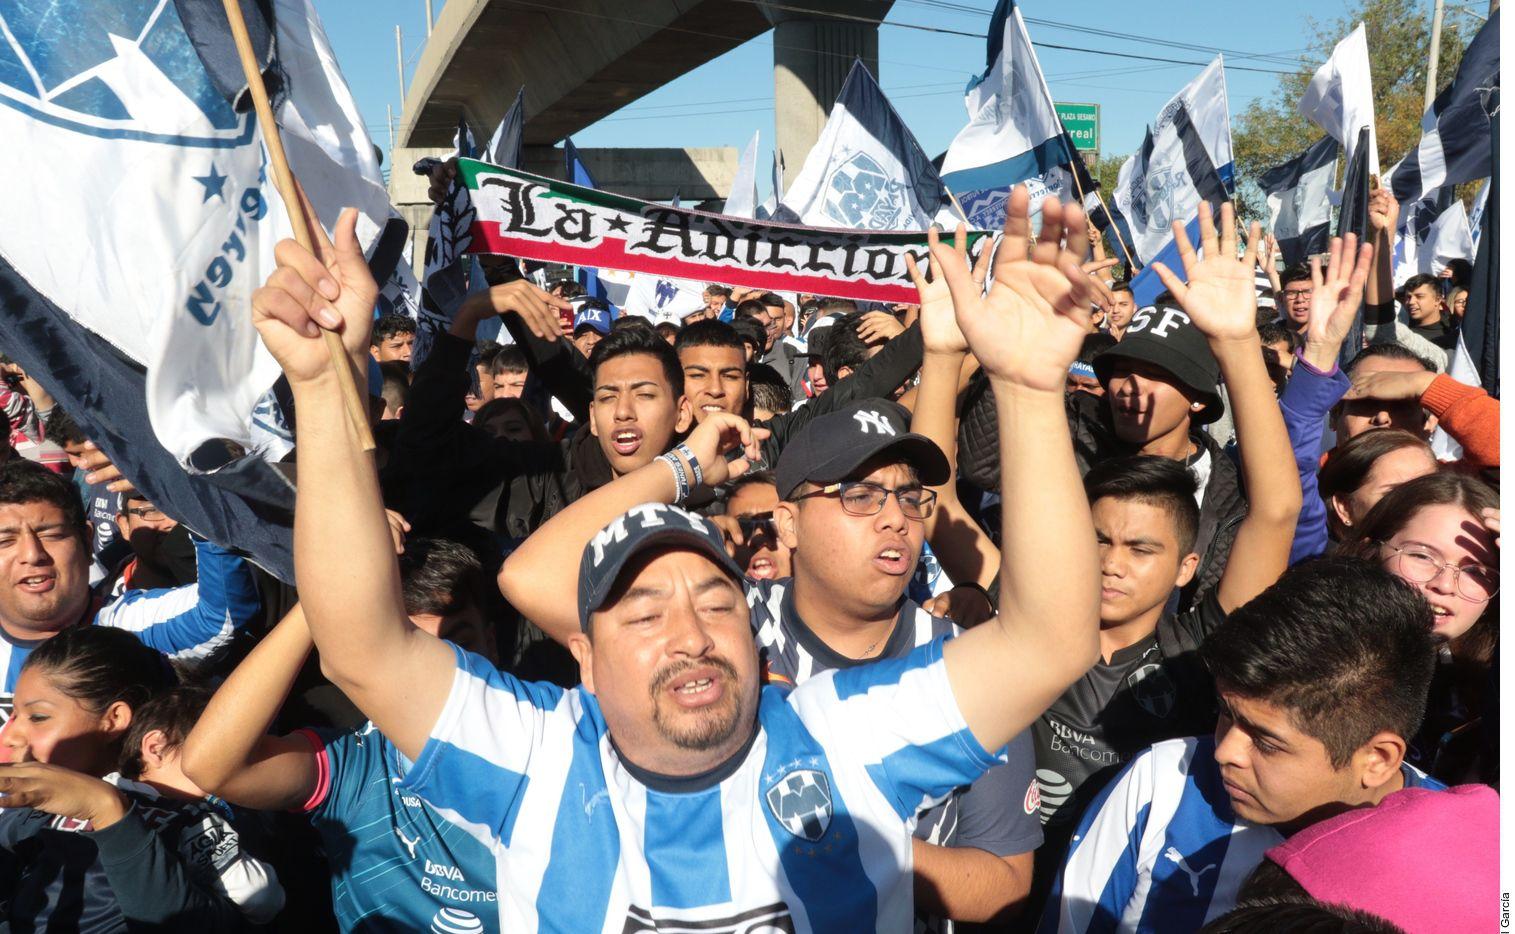 Por el festejo del 75 aniversario del Club Monterrey, la barra La Adicción, de los Rayados, prepara una caravana este domingo que recorrerá varias cuadras hasta llegar al Estadio BBVA.